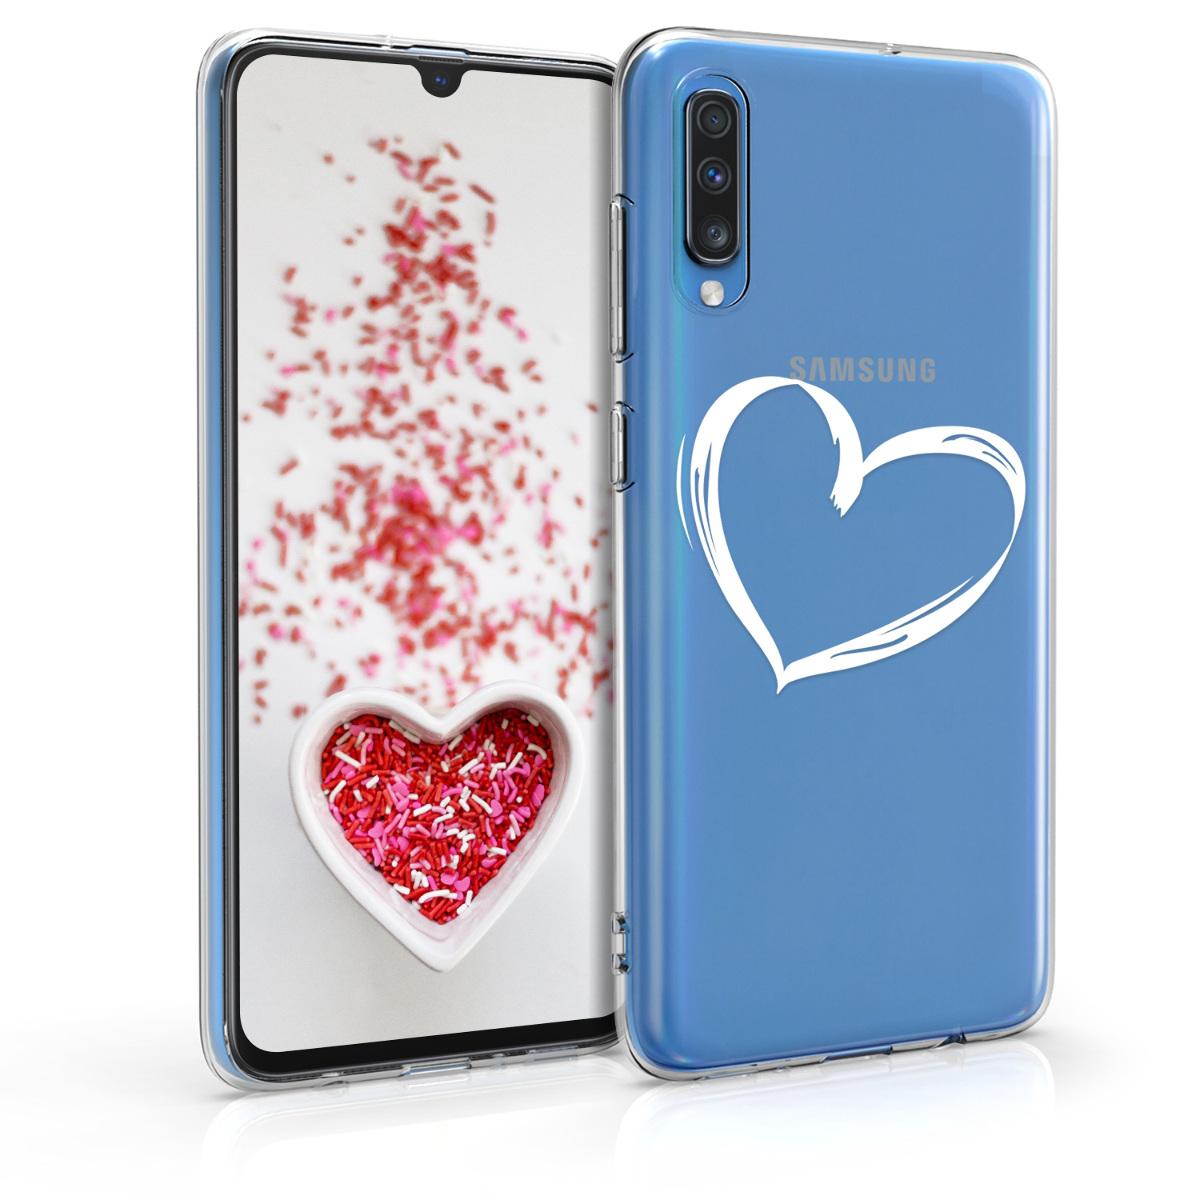 Kvalitní silikonové TPU pouzdro pro Samsung A70 - Brushed Heart bílé / transparentní